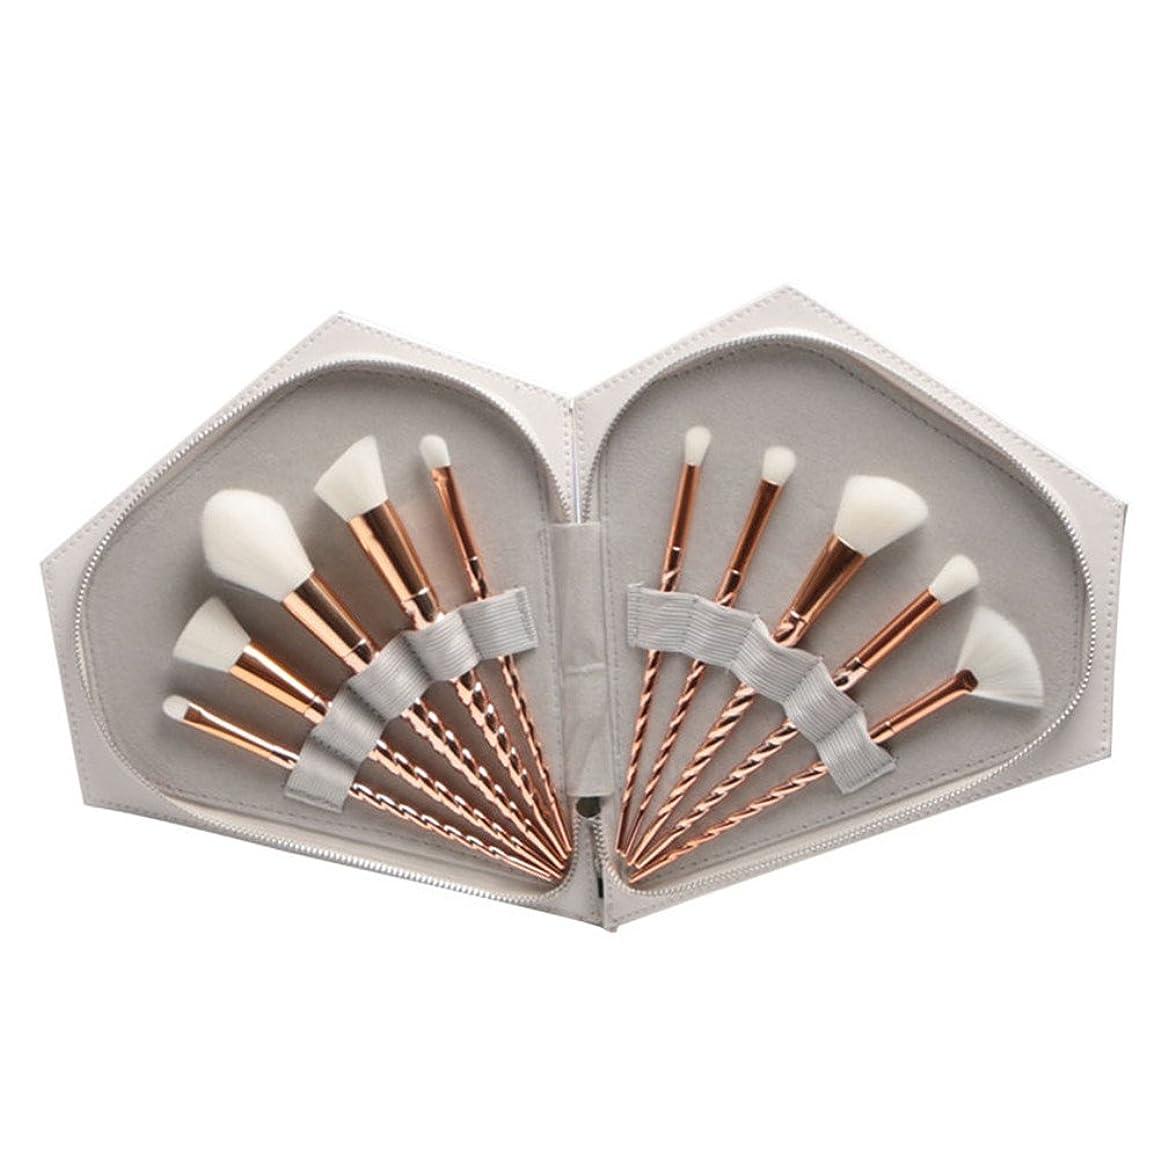 失効異常な討論Dilla Beauty メイクブラシ 化粧ブラシ 化粧筆 めっきは、金のプラスチックハンドルをバラ 10本セット ファンデーションブラシ メイクアップブラシ 専門化粧 専用ケース 品質保証 (ホワイト+バッグ)